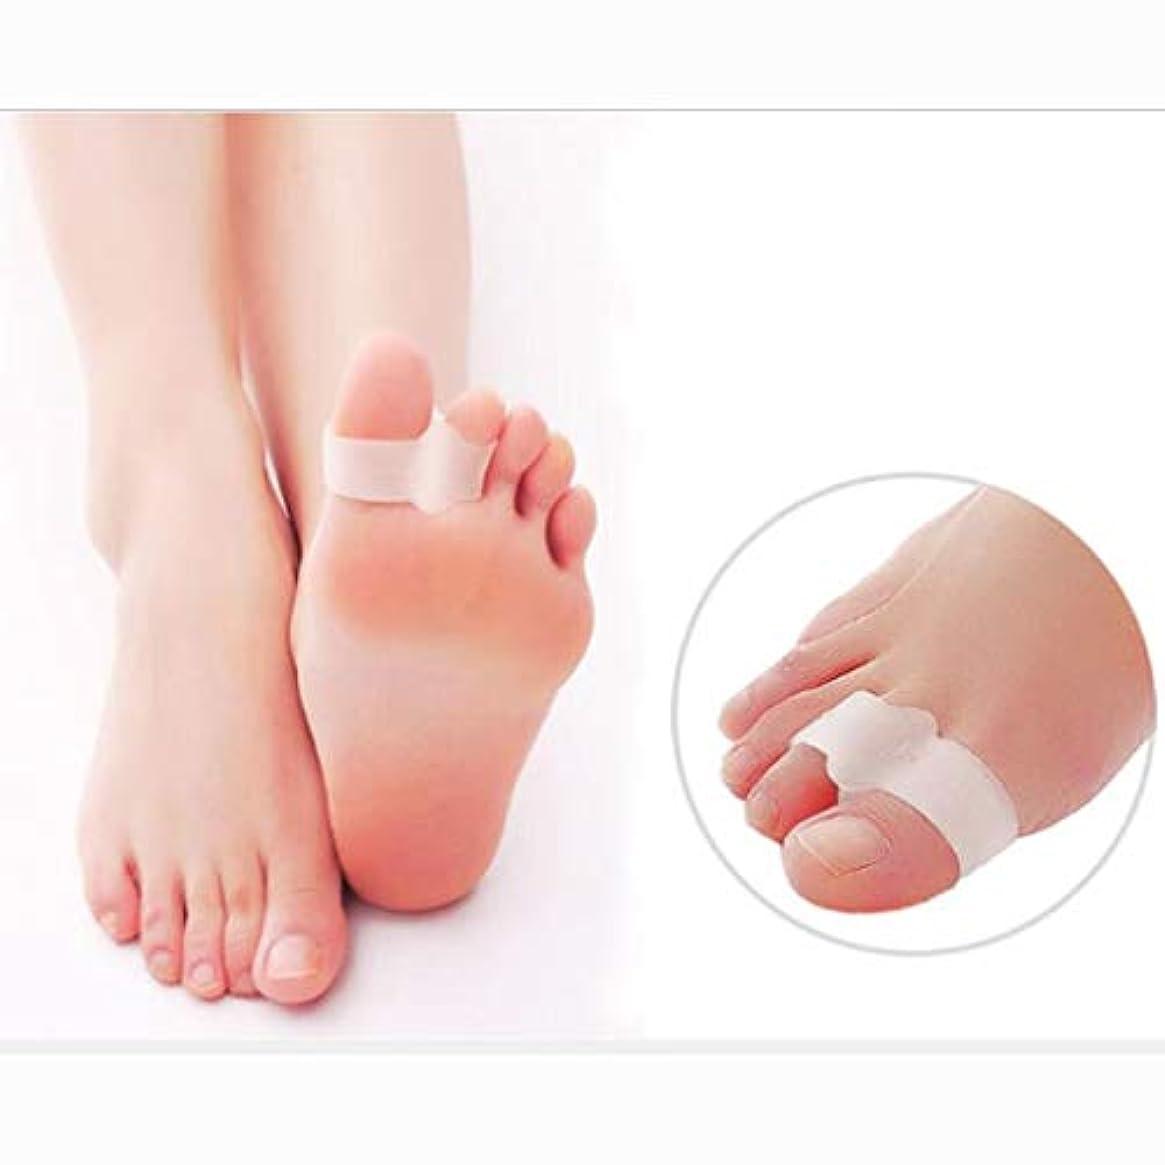 パイロットスーパーマーケットこだわり足矯正器-M-toe Eversion Hemper Toe Head Big Bone Toe Overlapping Finger Deviator (Size : M)